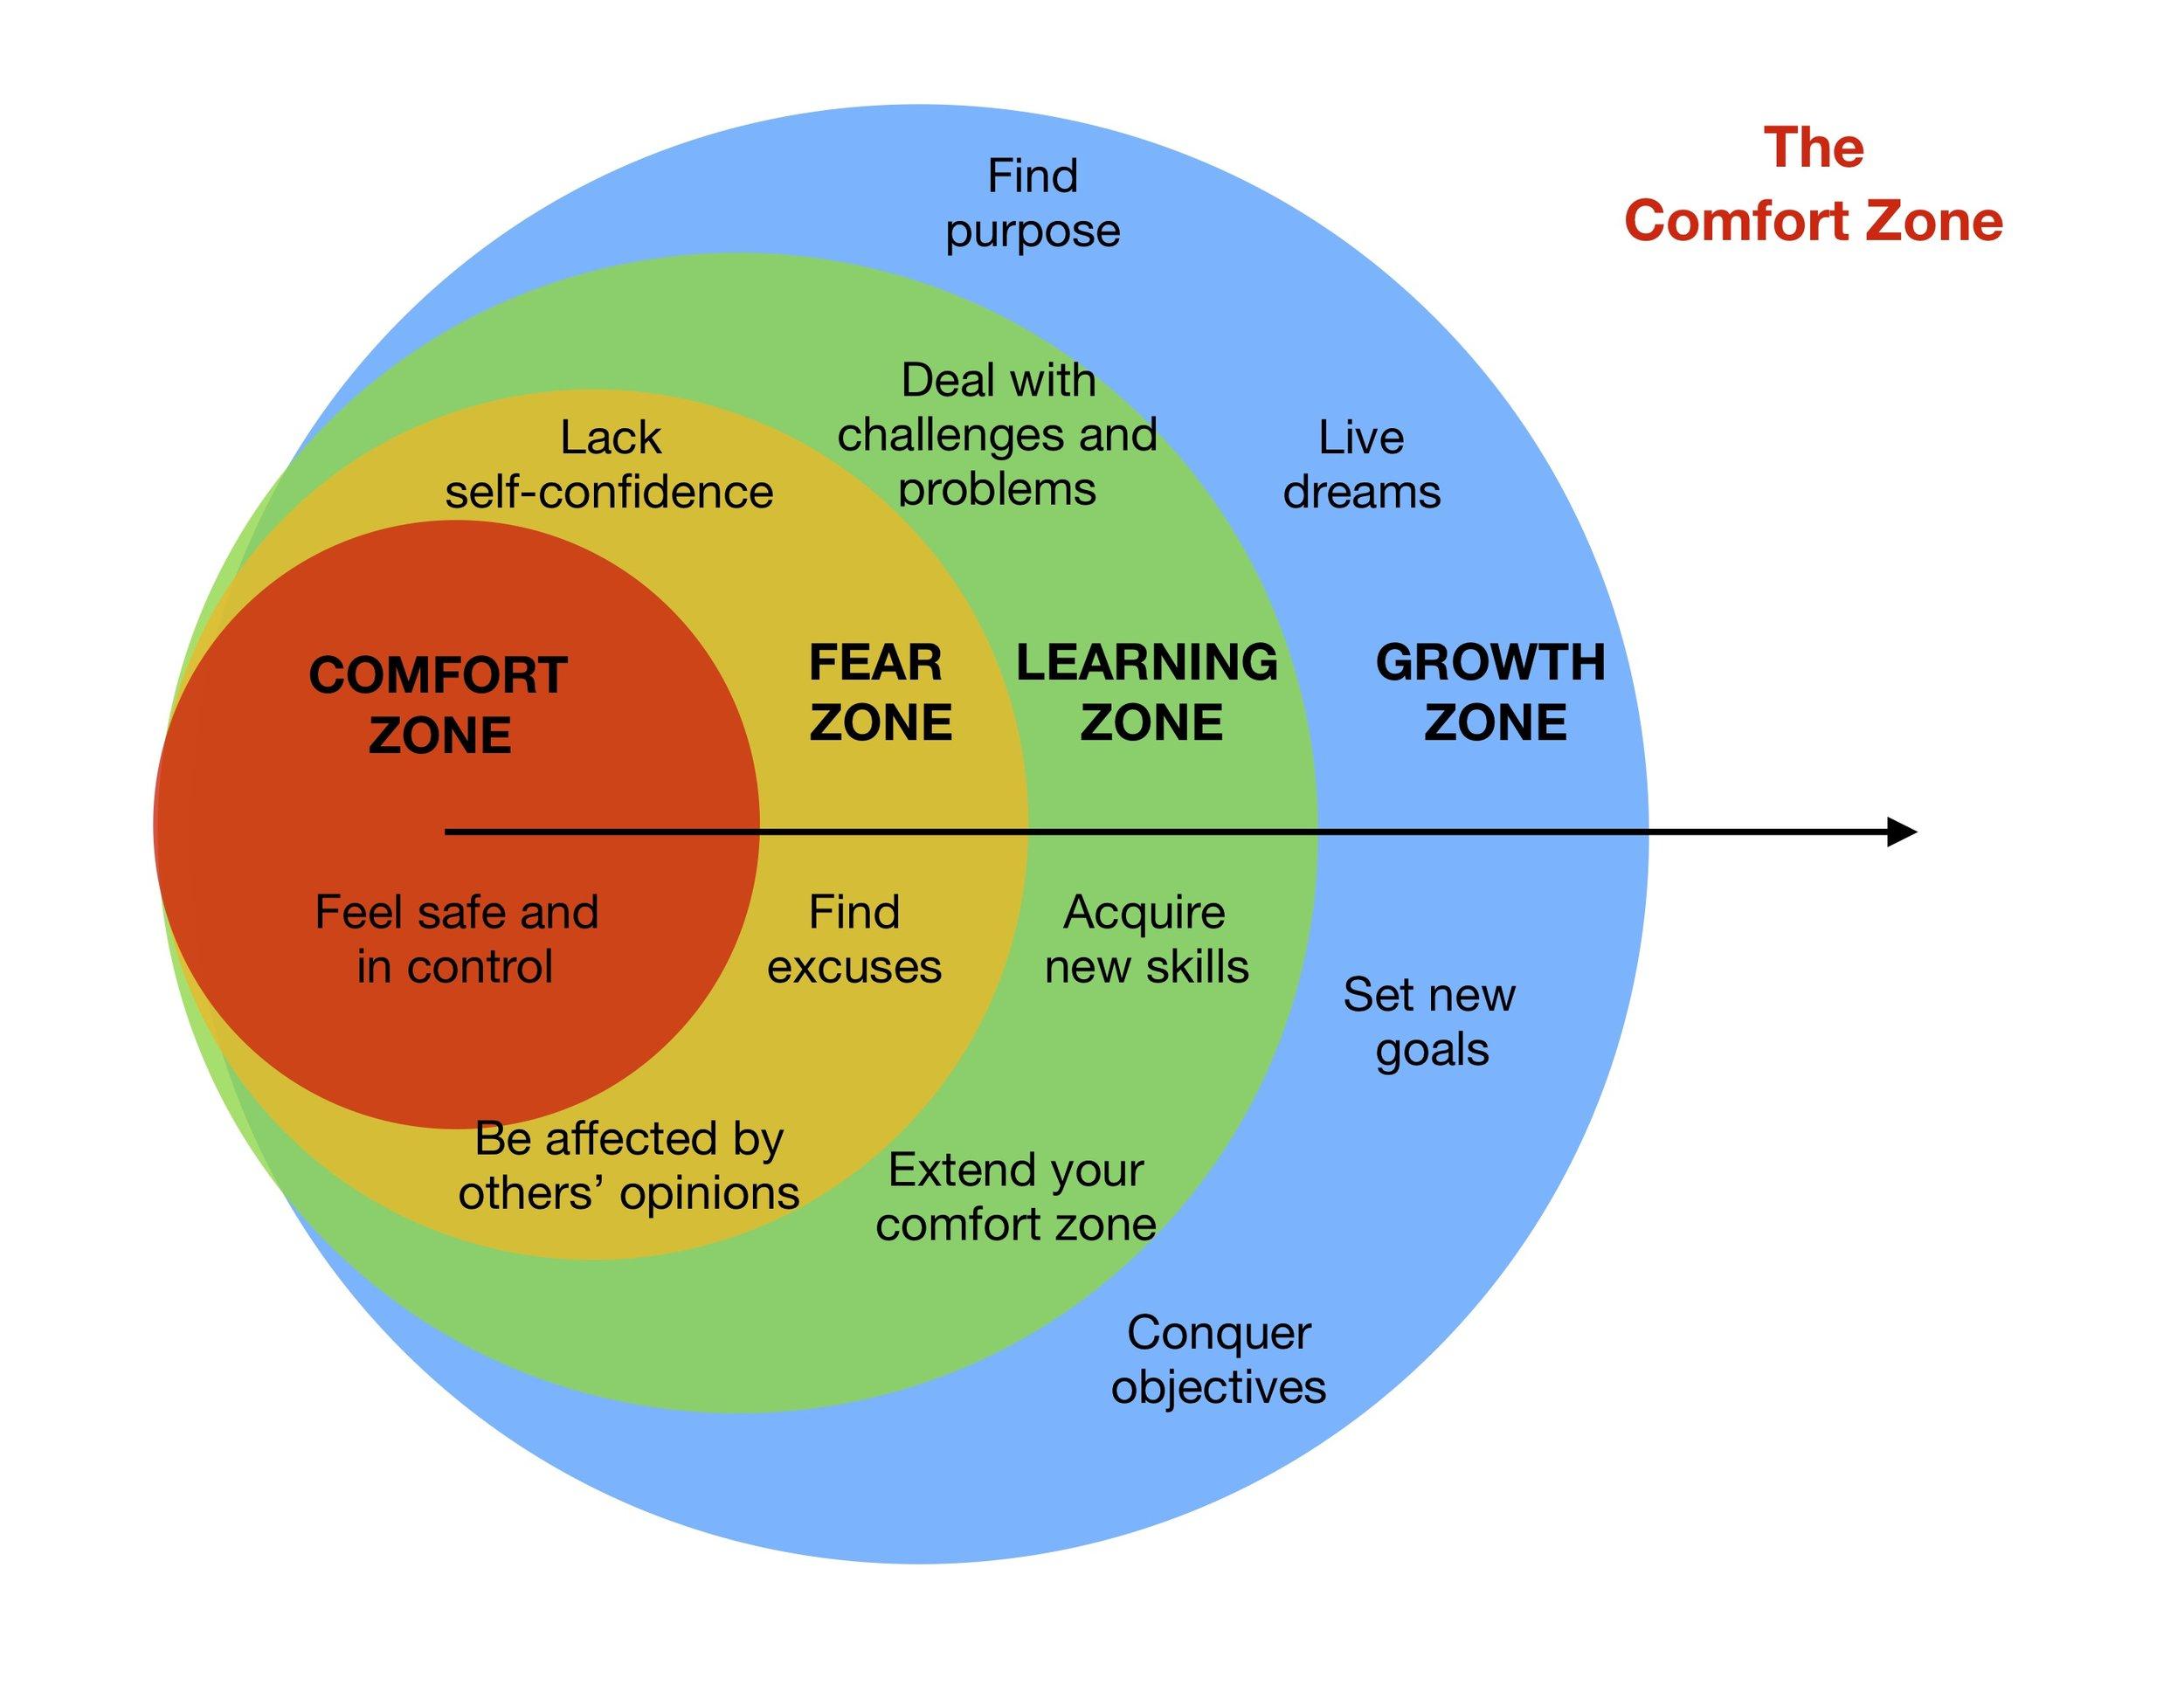 The Comfort Zone.jpg